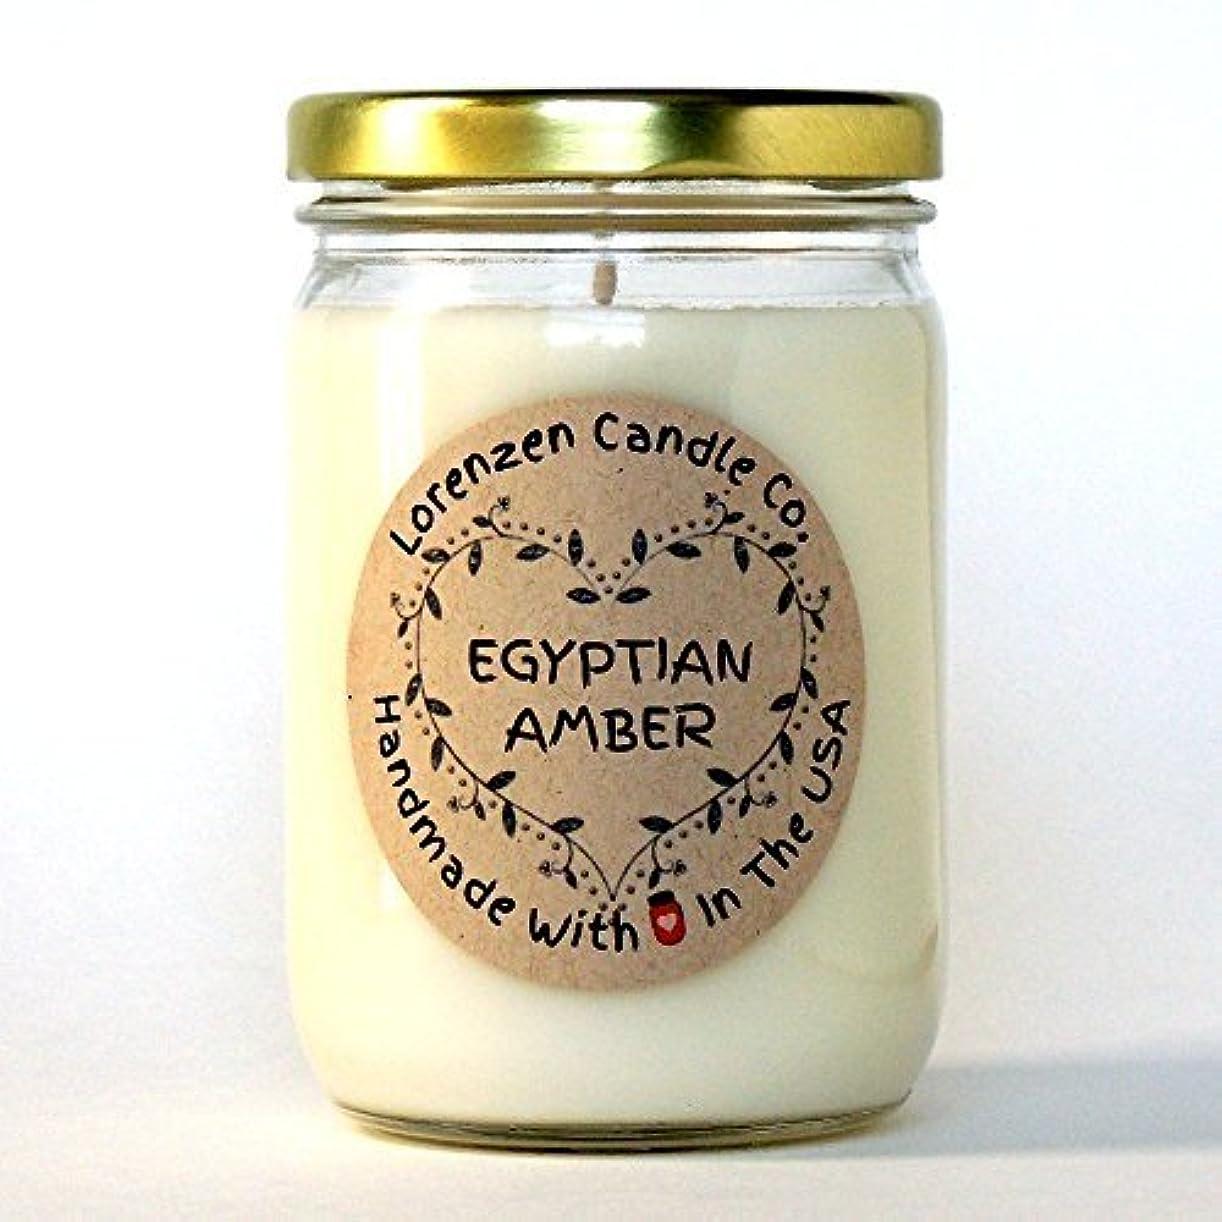 掘る挑む印象派Egyptian Amber Soy Candle 12oz [並行輸入品]